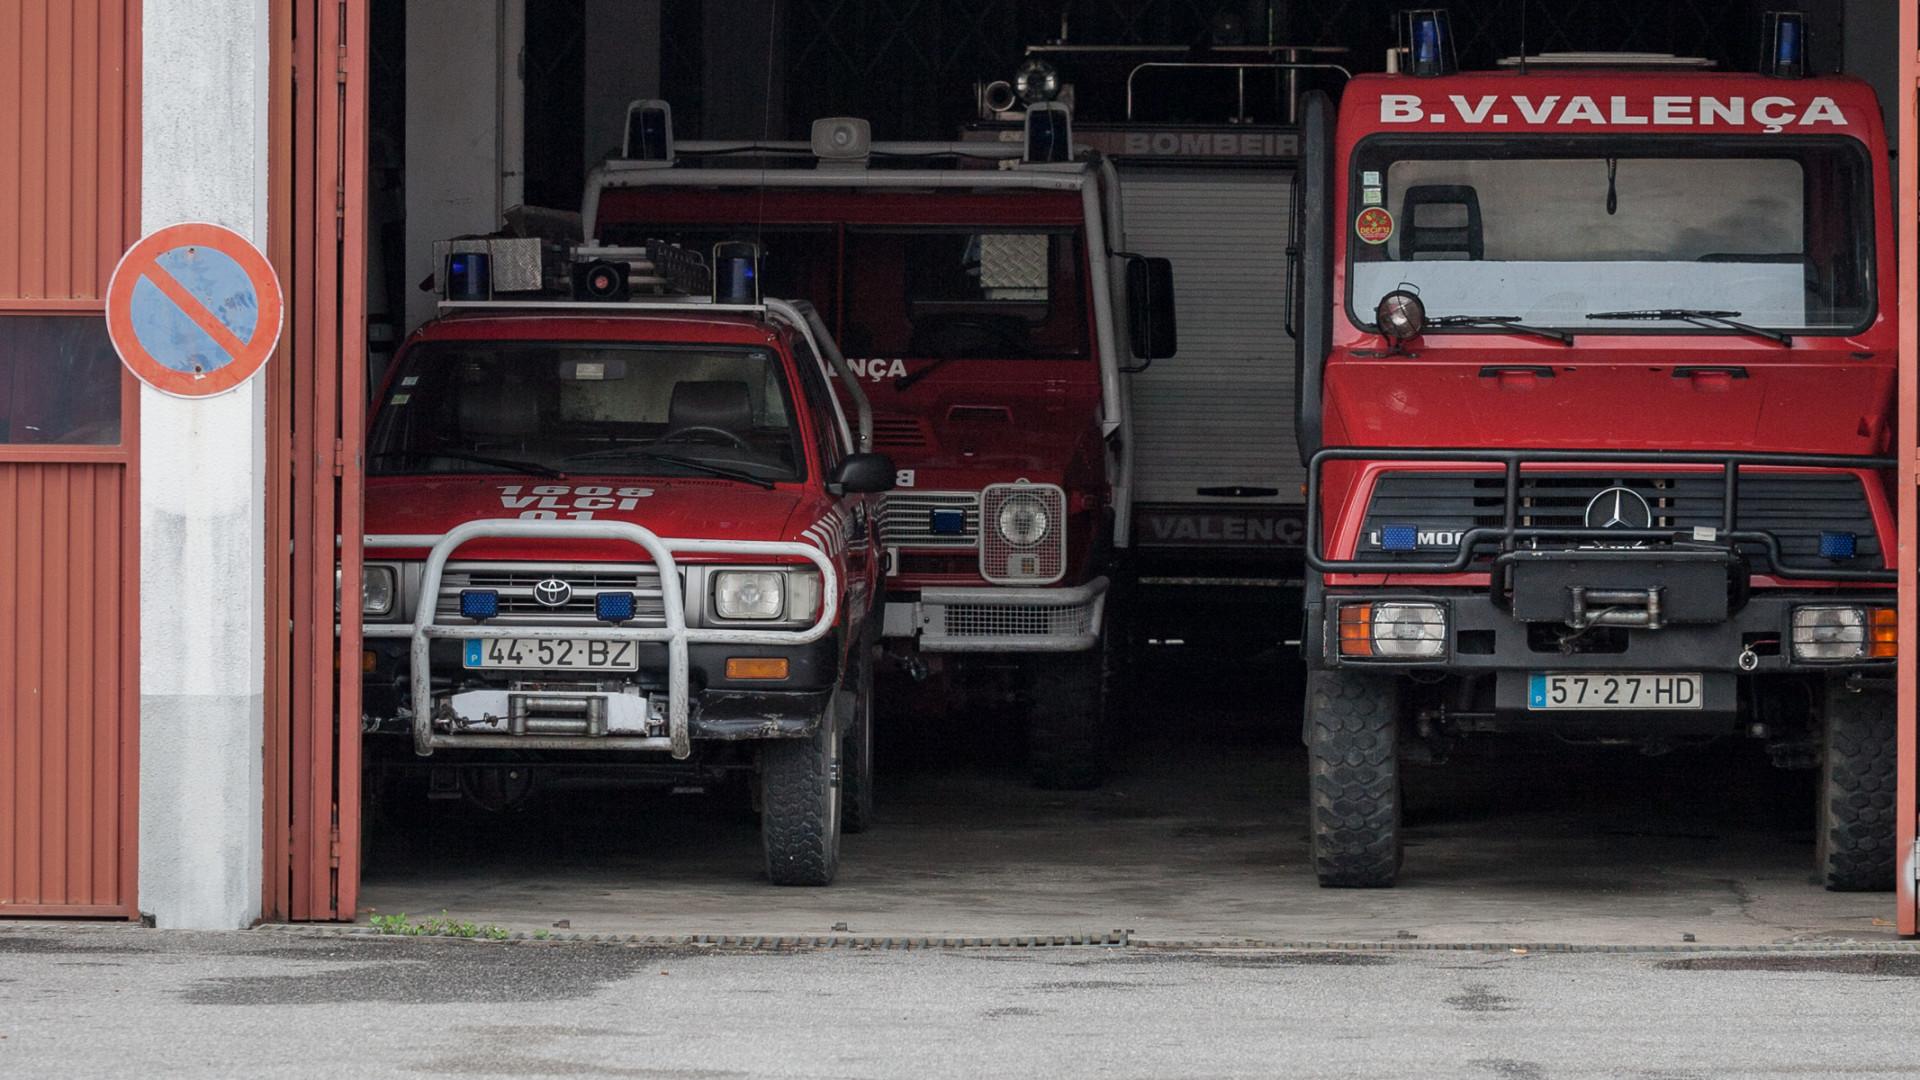 Explosão em Espanha mobiliza bombeiros de Valença. Há várias vítimas